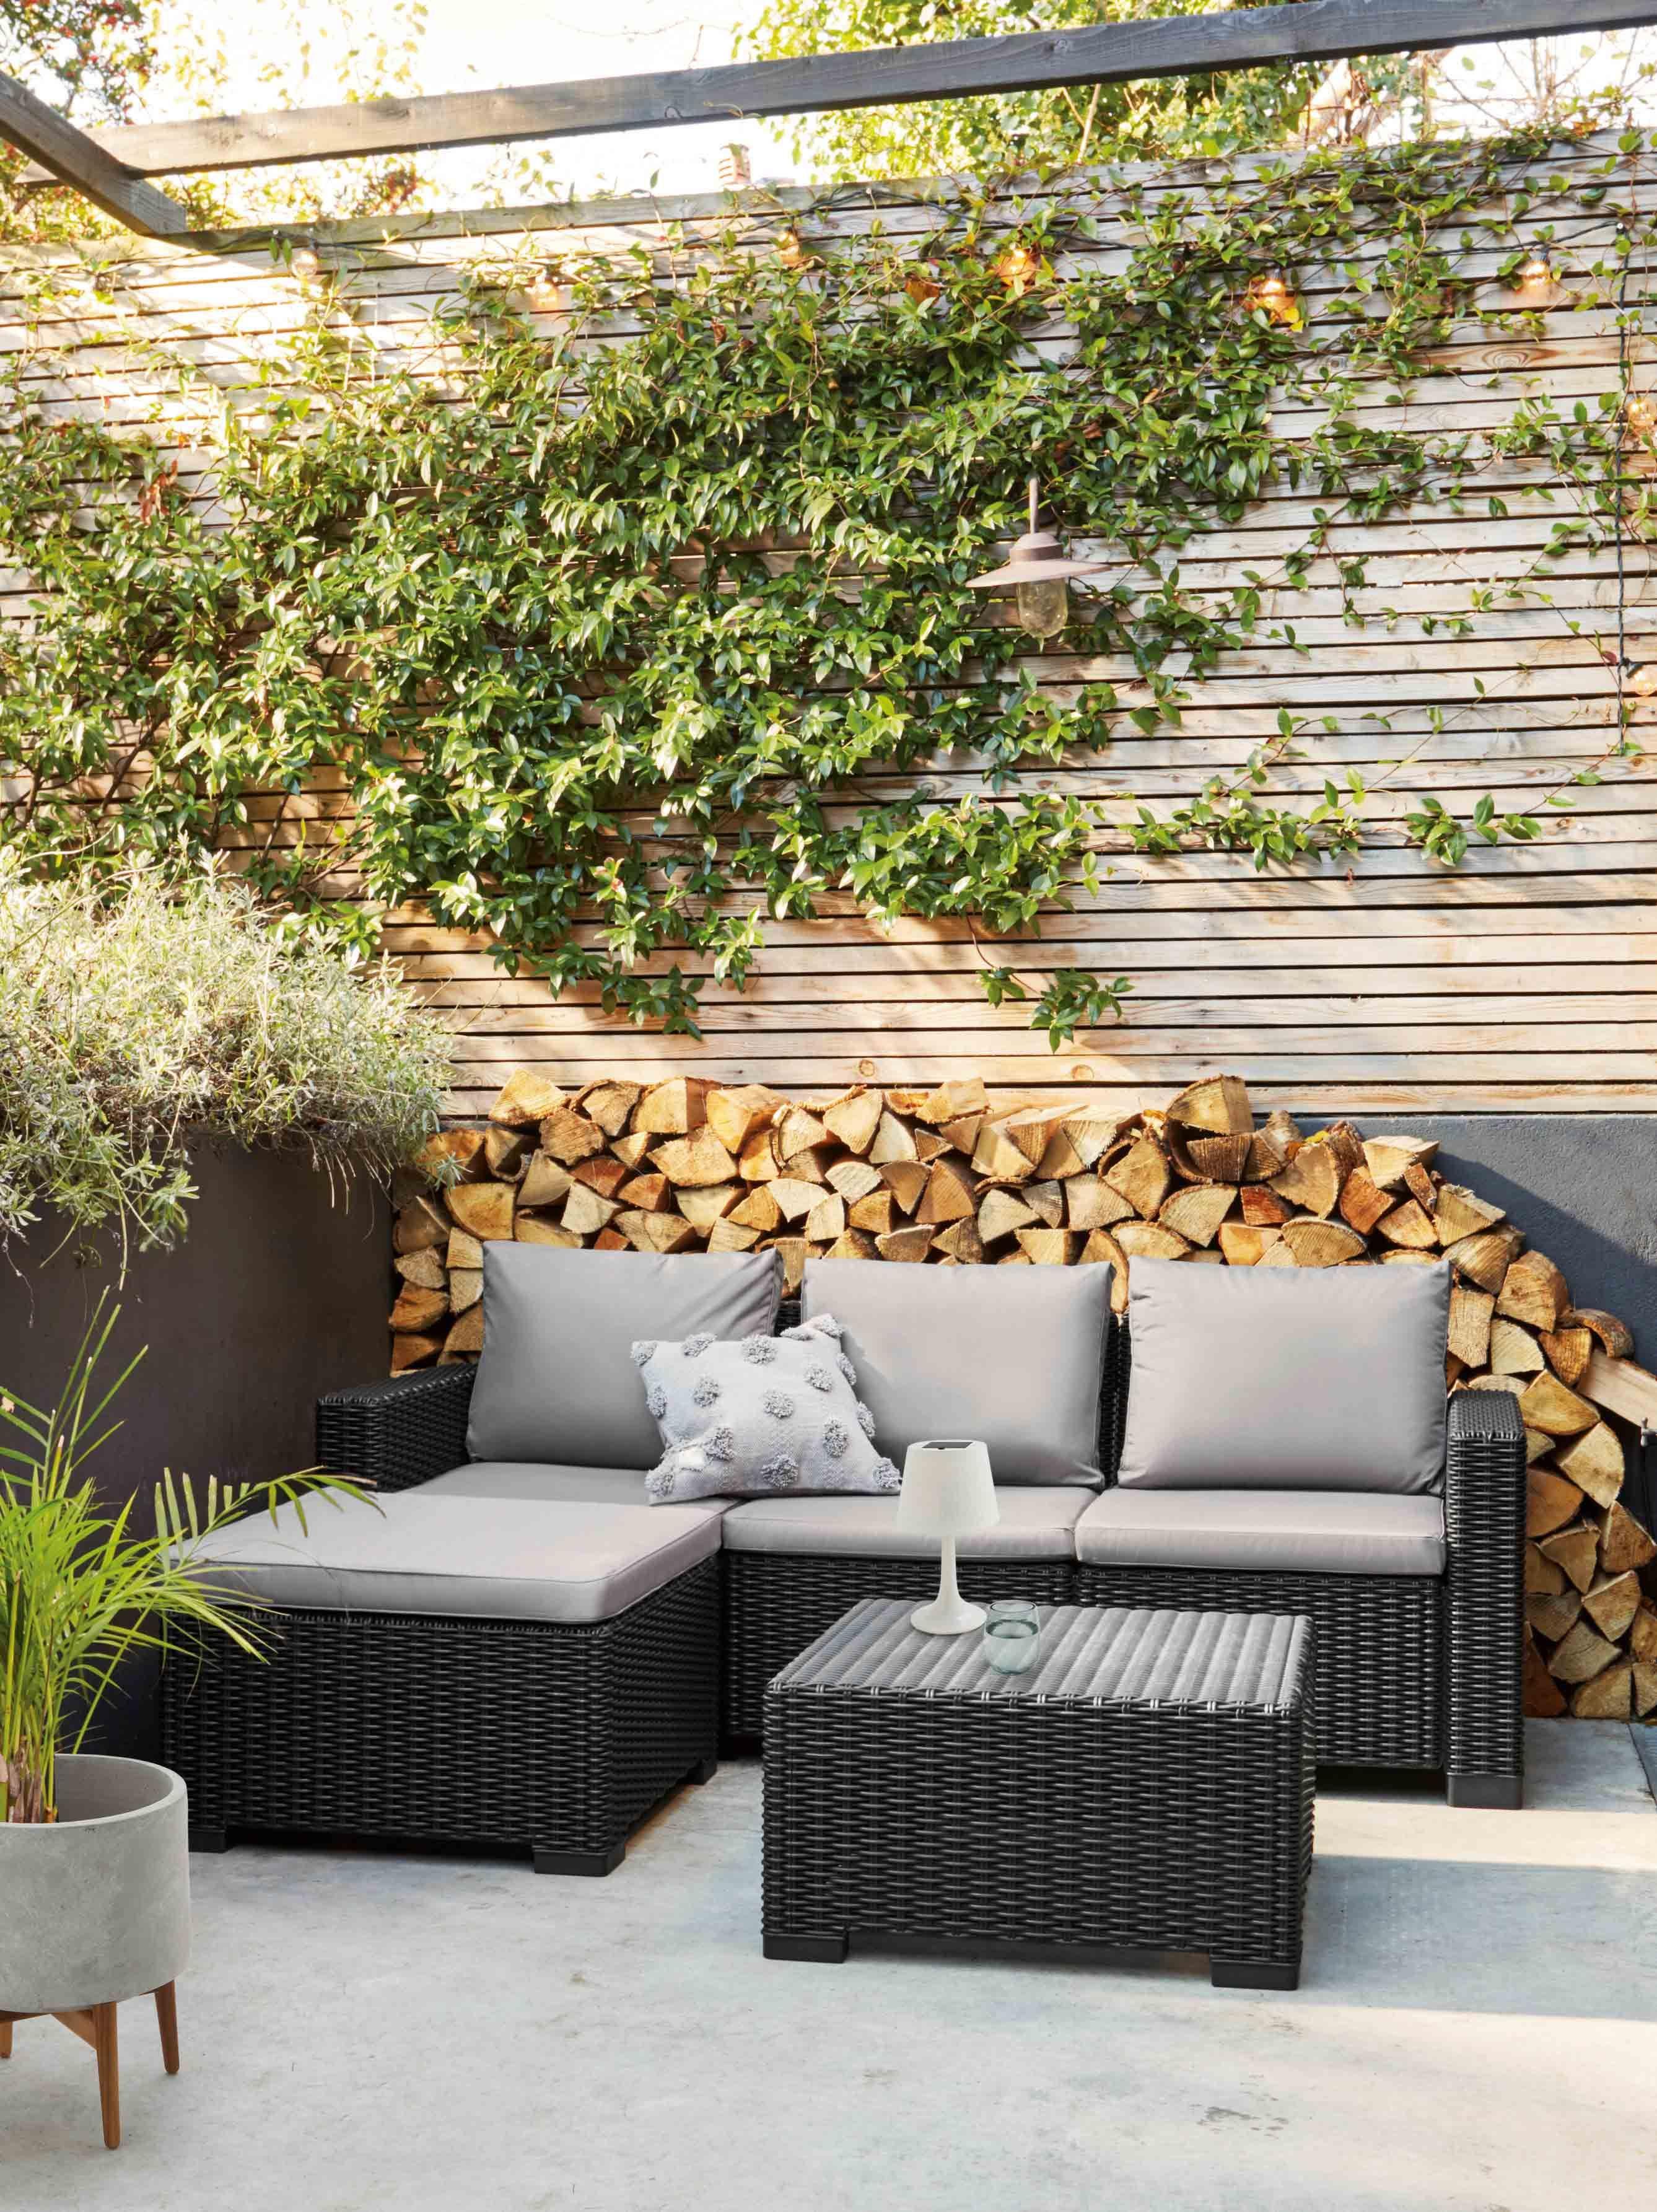 9 Outdoor Garden Room Ideas To Consider - Outdoor Living Room